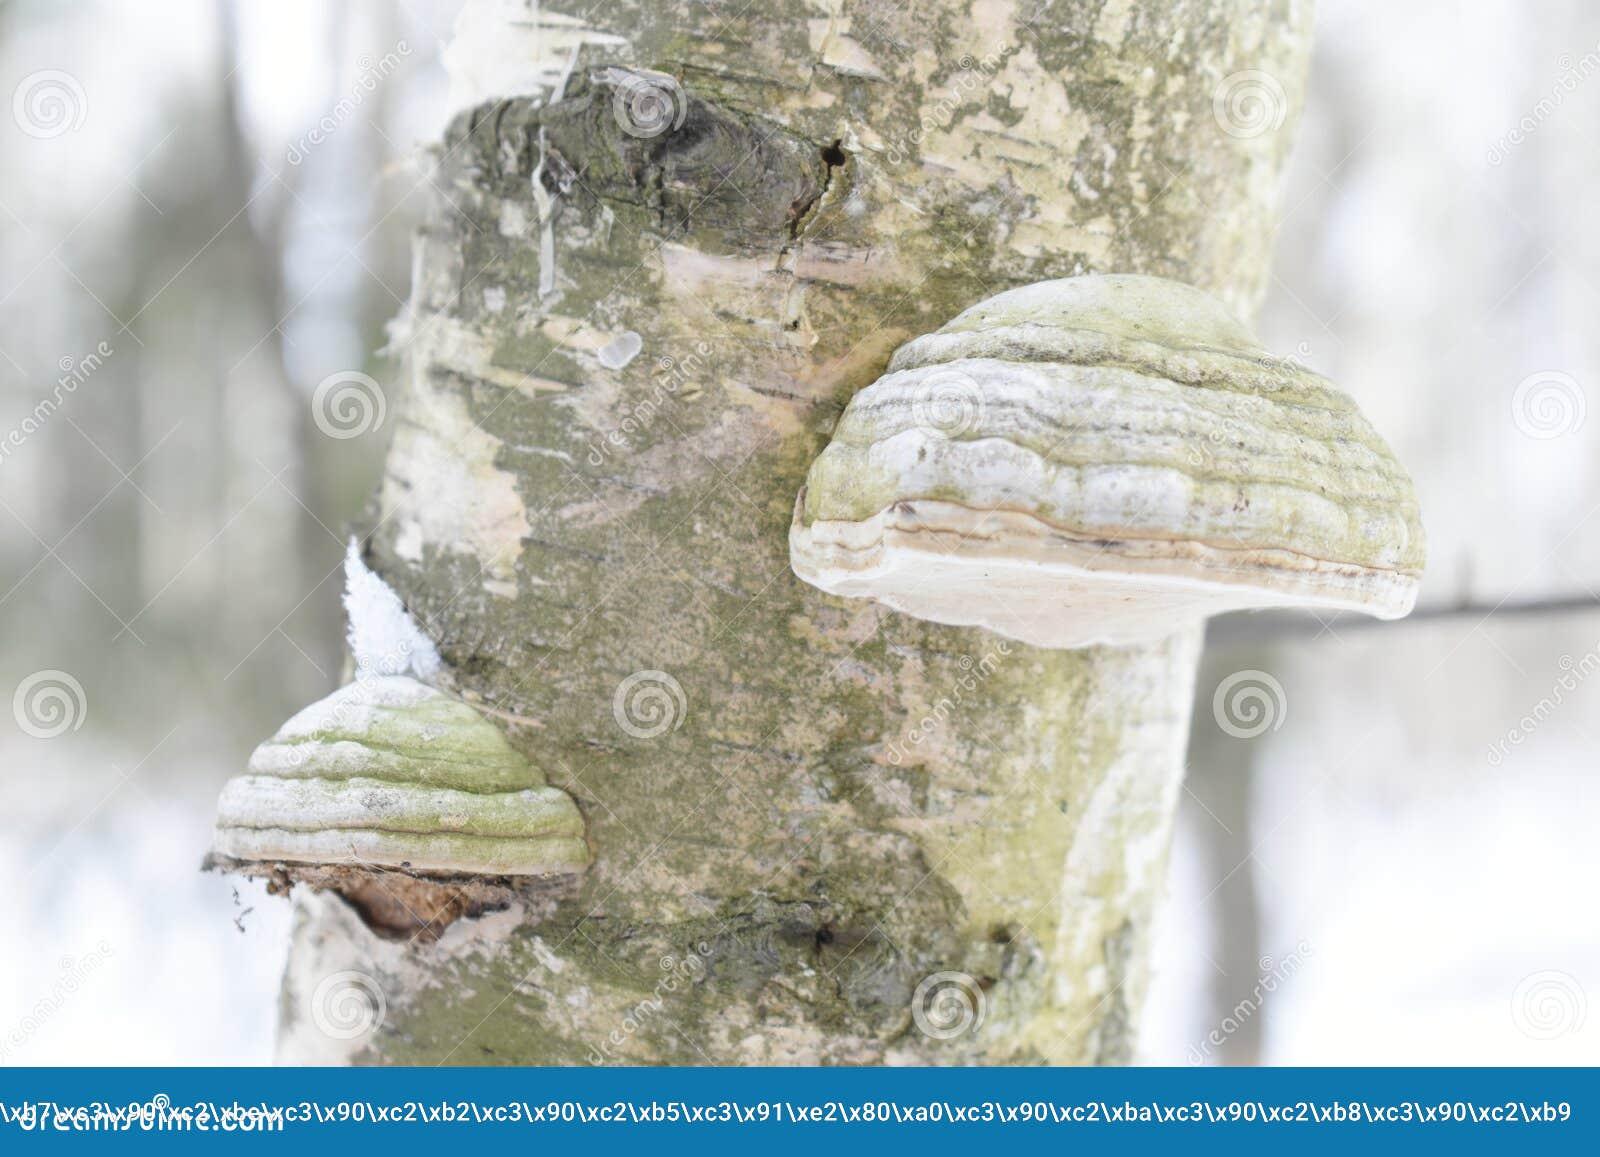 Fomes fomentarius powszechnie znać jako hubka grzyb, fałszywy hubka grzyb, racicowy grzyb, hubki conk, hubki huba lub lodowy mężc